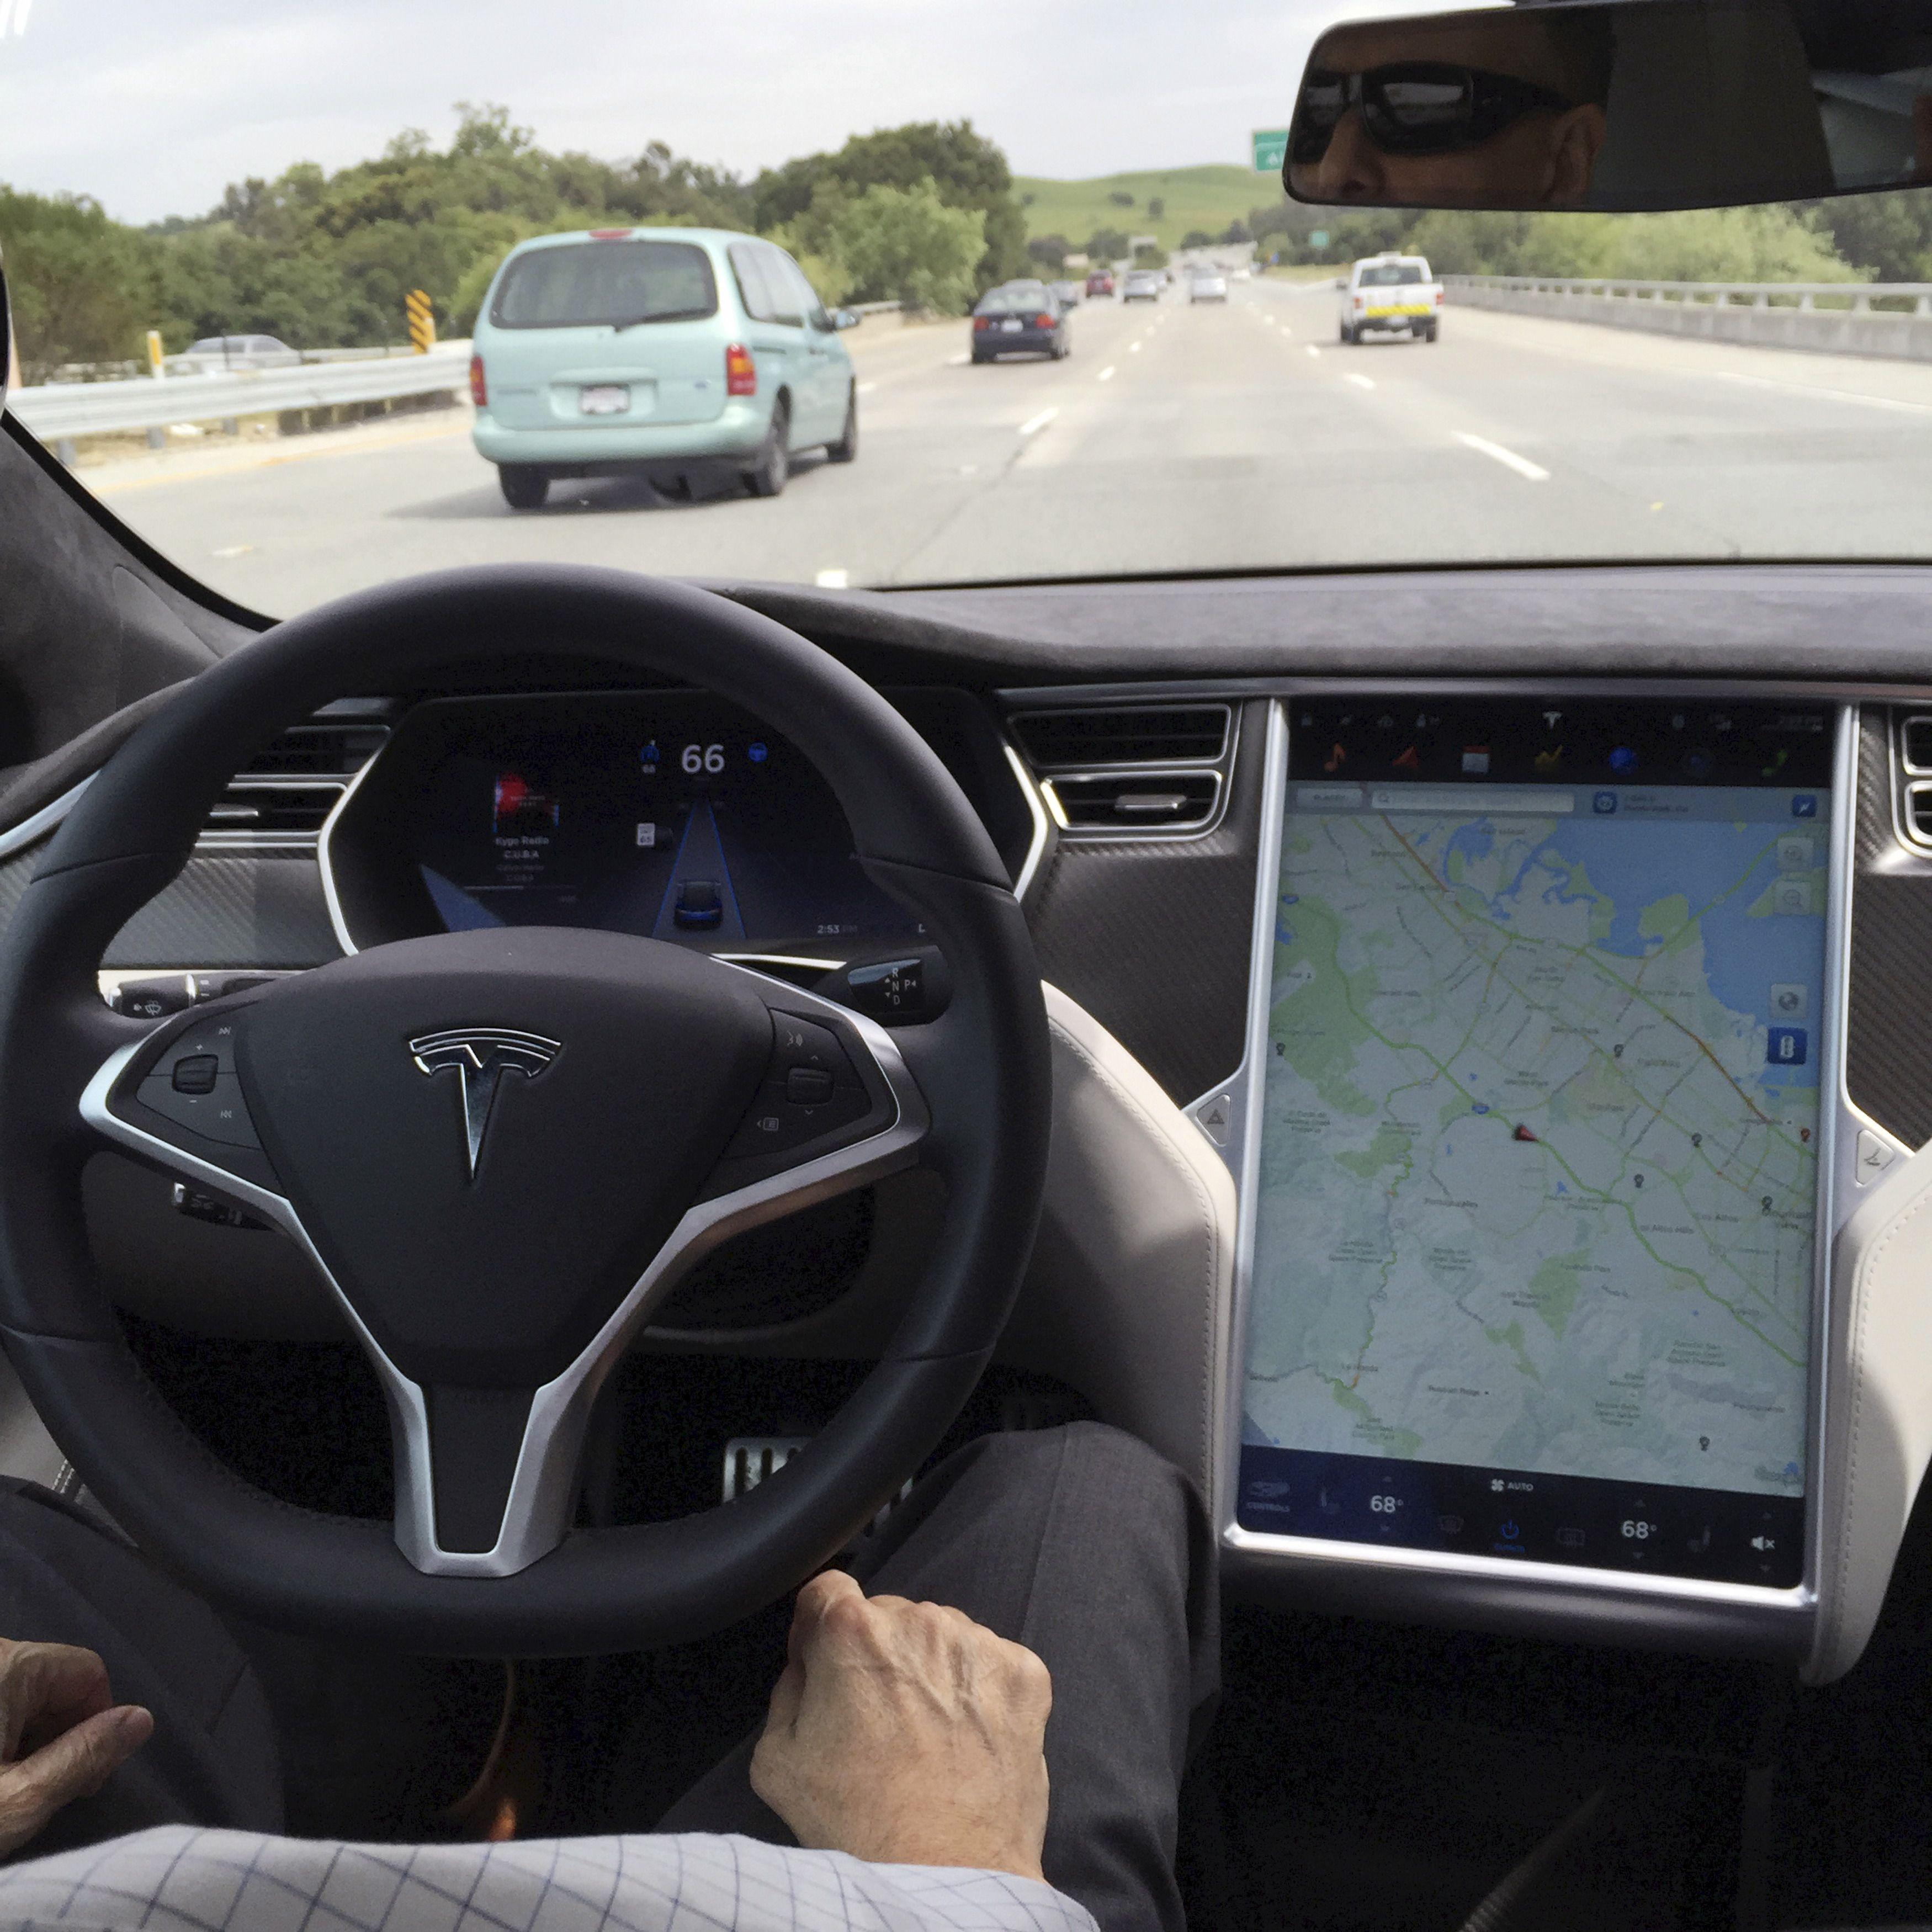 En 2040, il n'y aura plus que des voitures automatiques en Israël